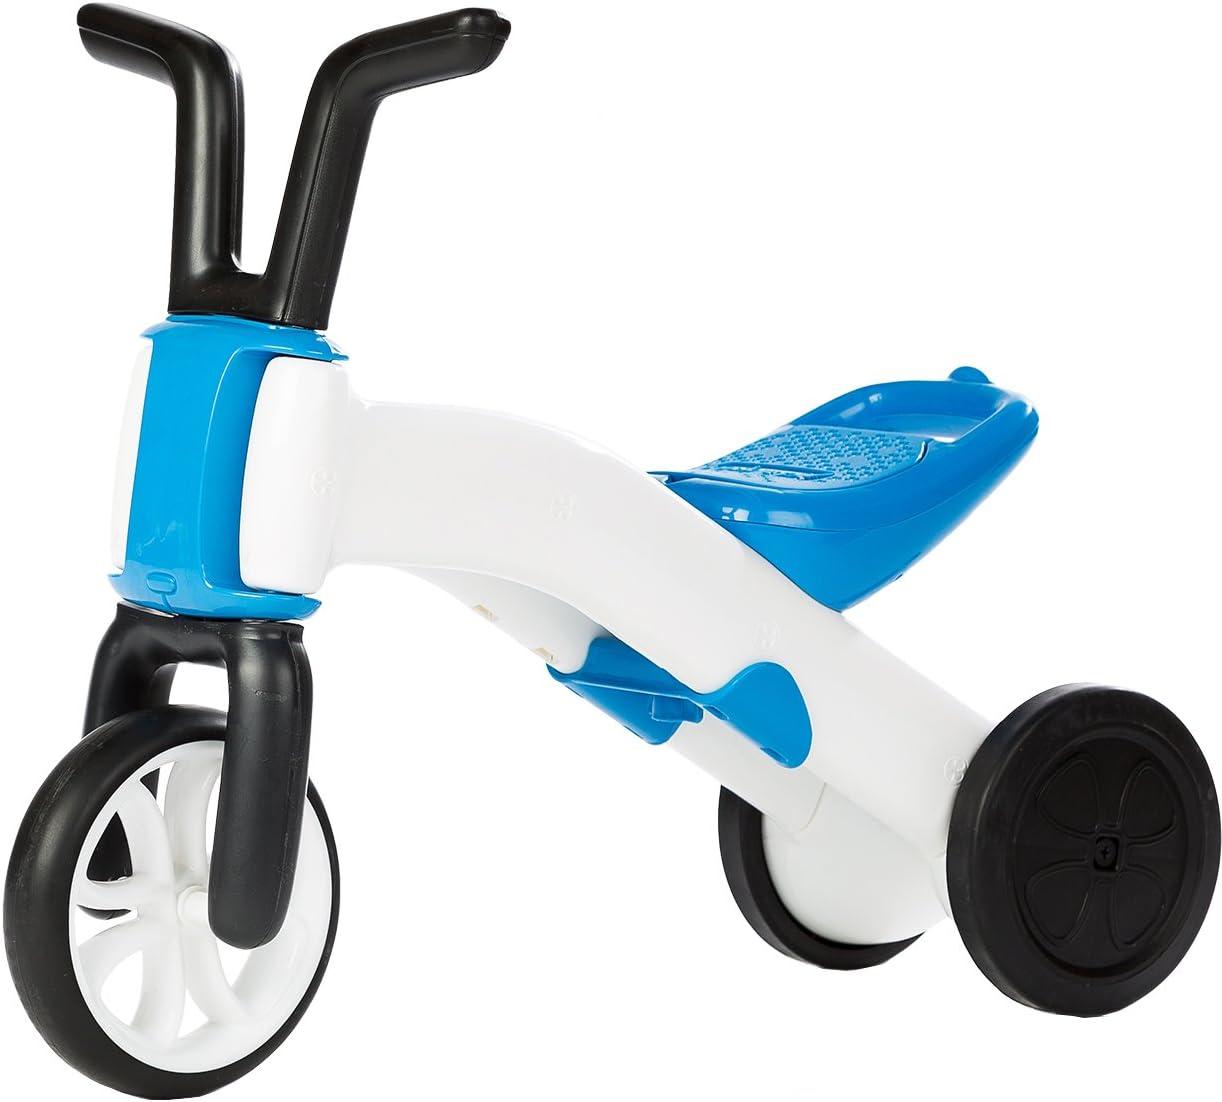 Chillafish - BMXie Balance Ride-on correpasillos y Bicicleta 2 en 1, Color Azul (49901B)